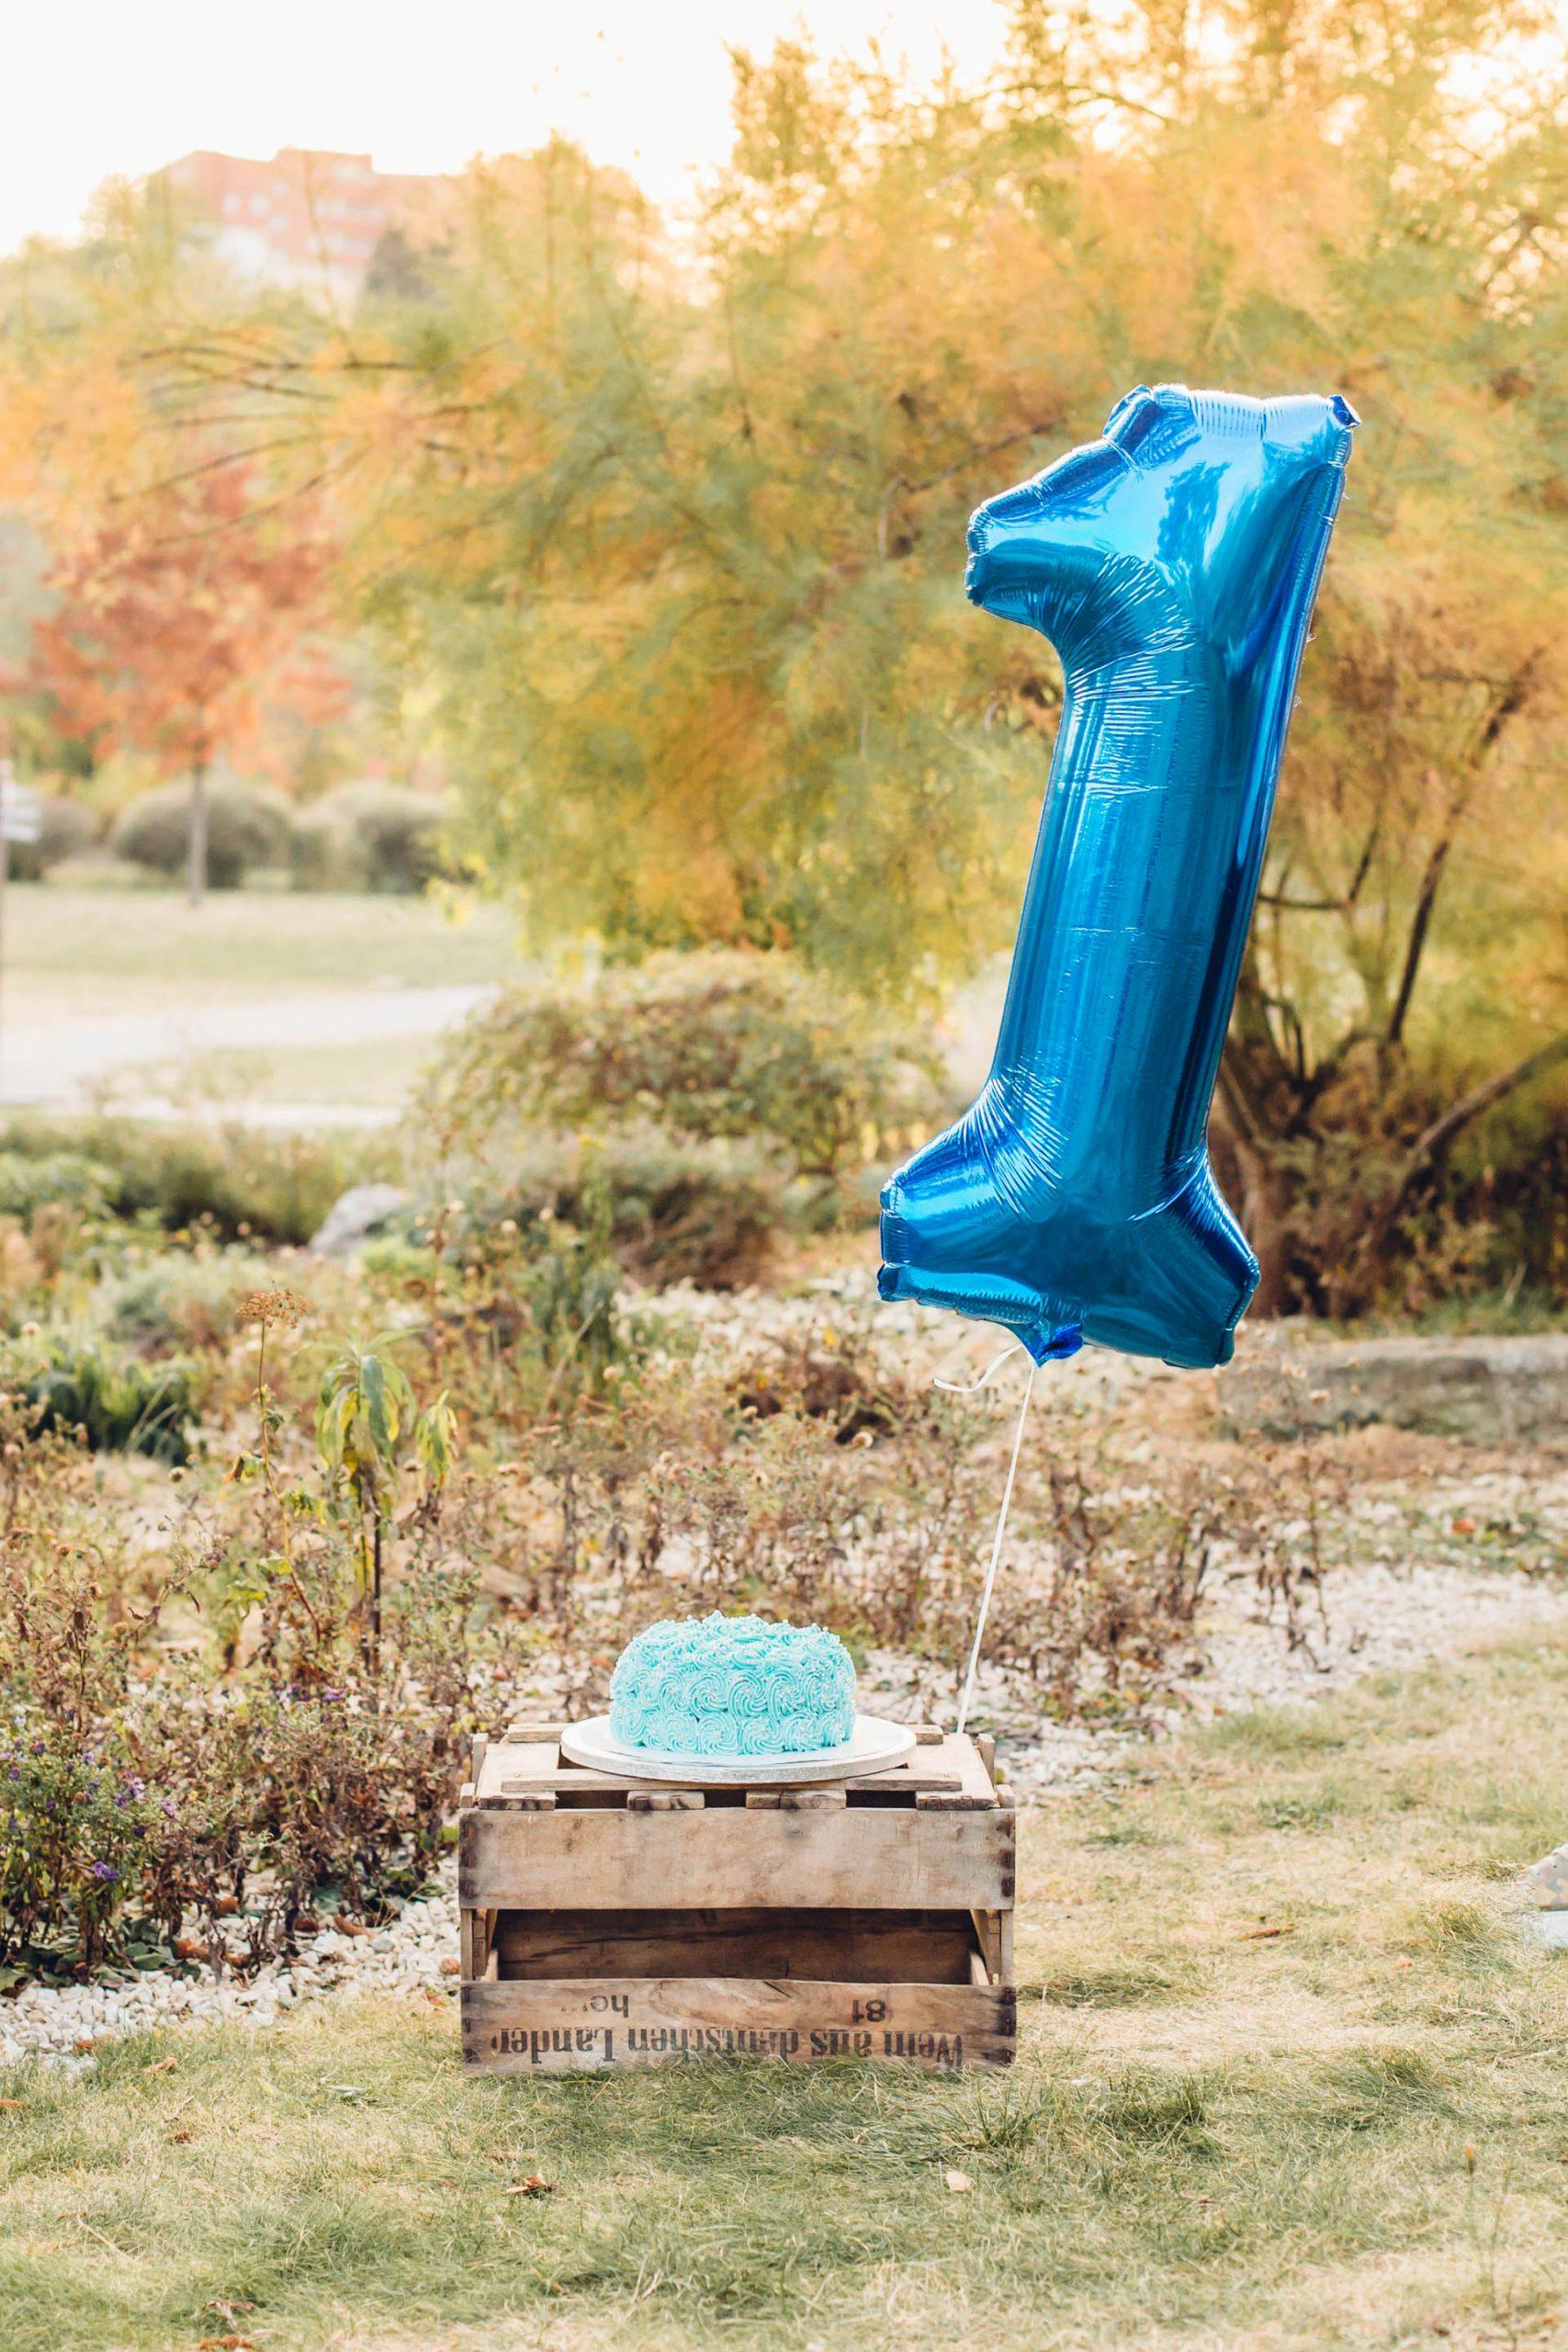 1. Geburtstag fotografisch festhalten, Holzhiste mit blauer Cremetorte und einer 1. als Luftballon